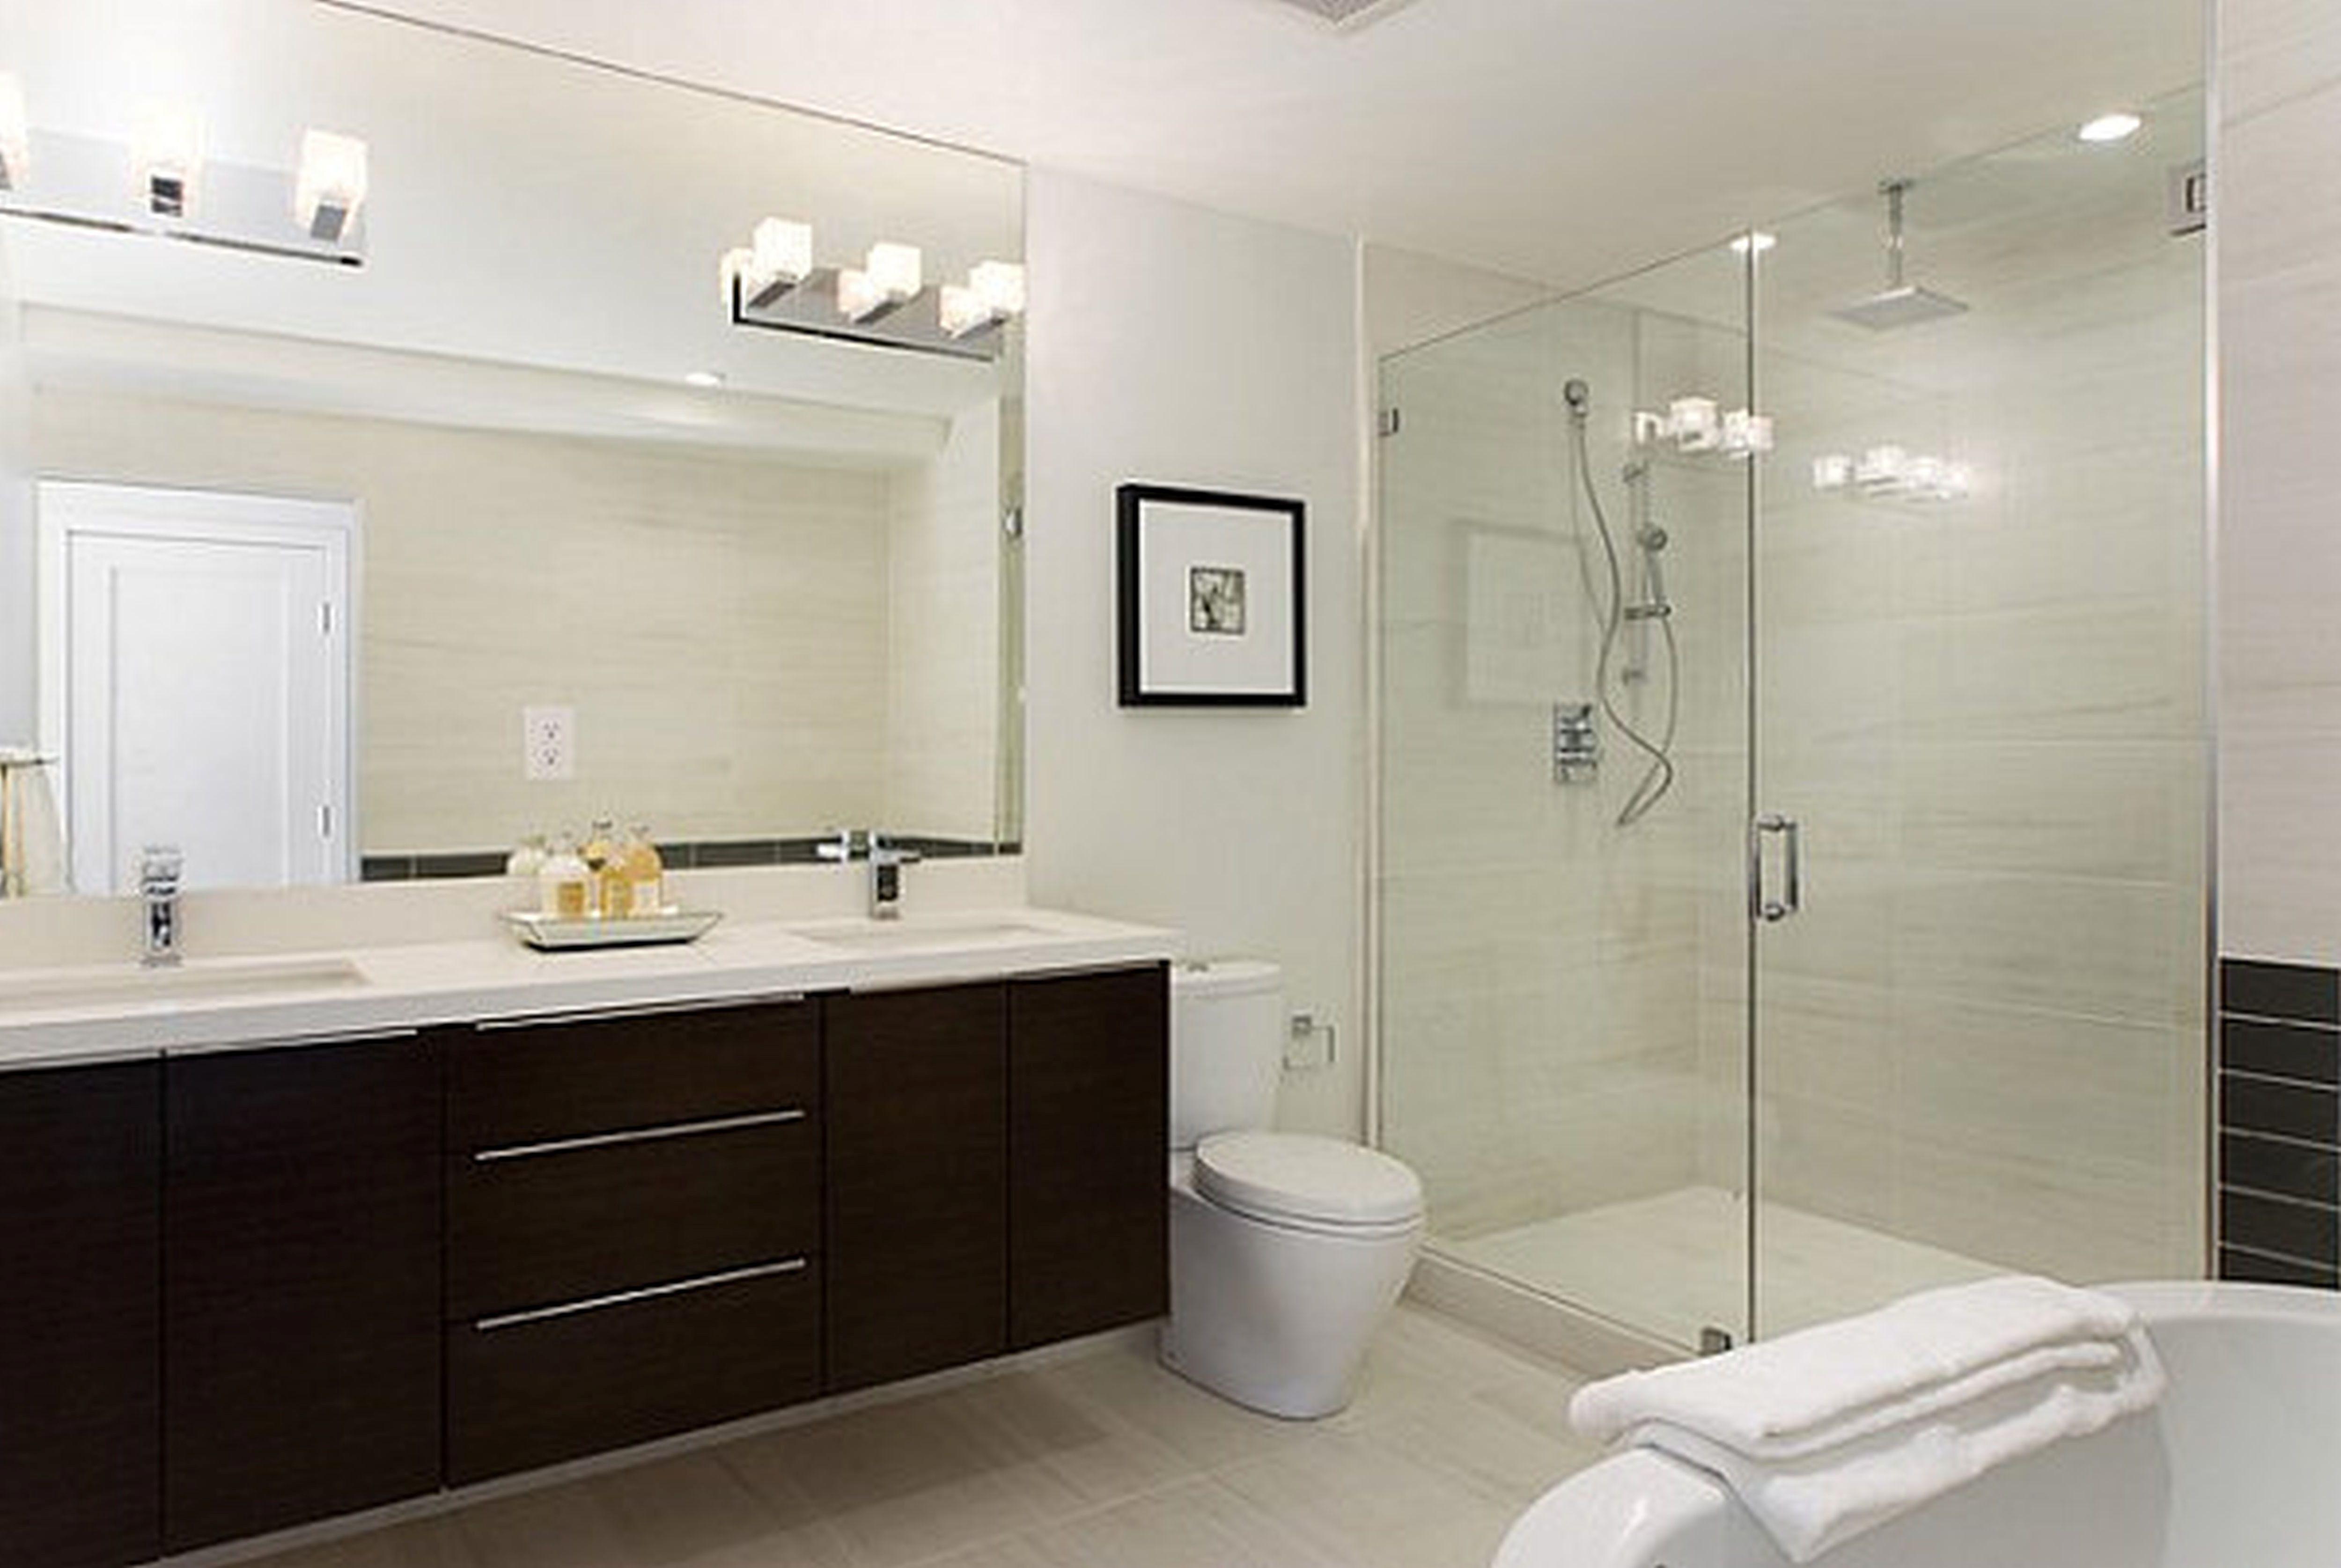 Modern Bathroom Lighting Best Vanity Modern Bathroom Lighting Ideas Vanity Lighting Modern Architecture